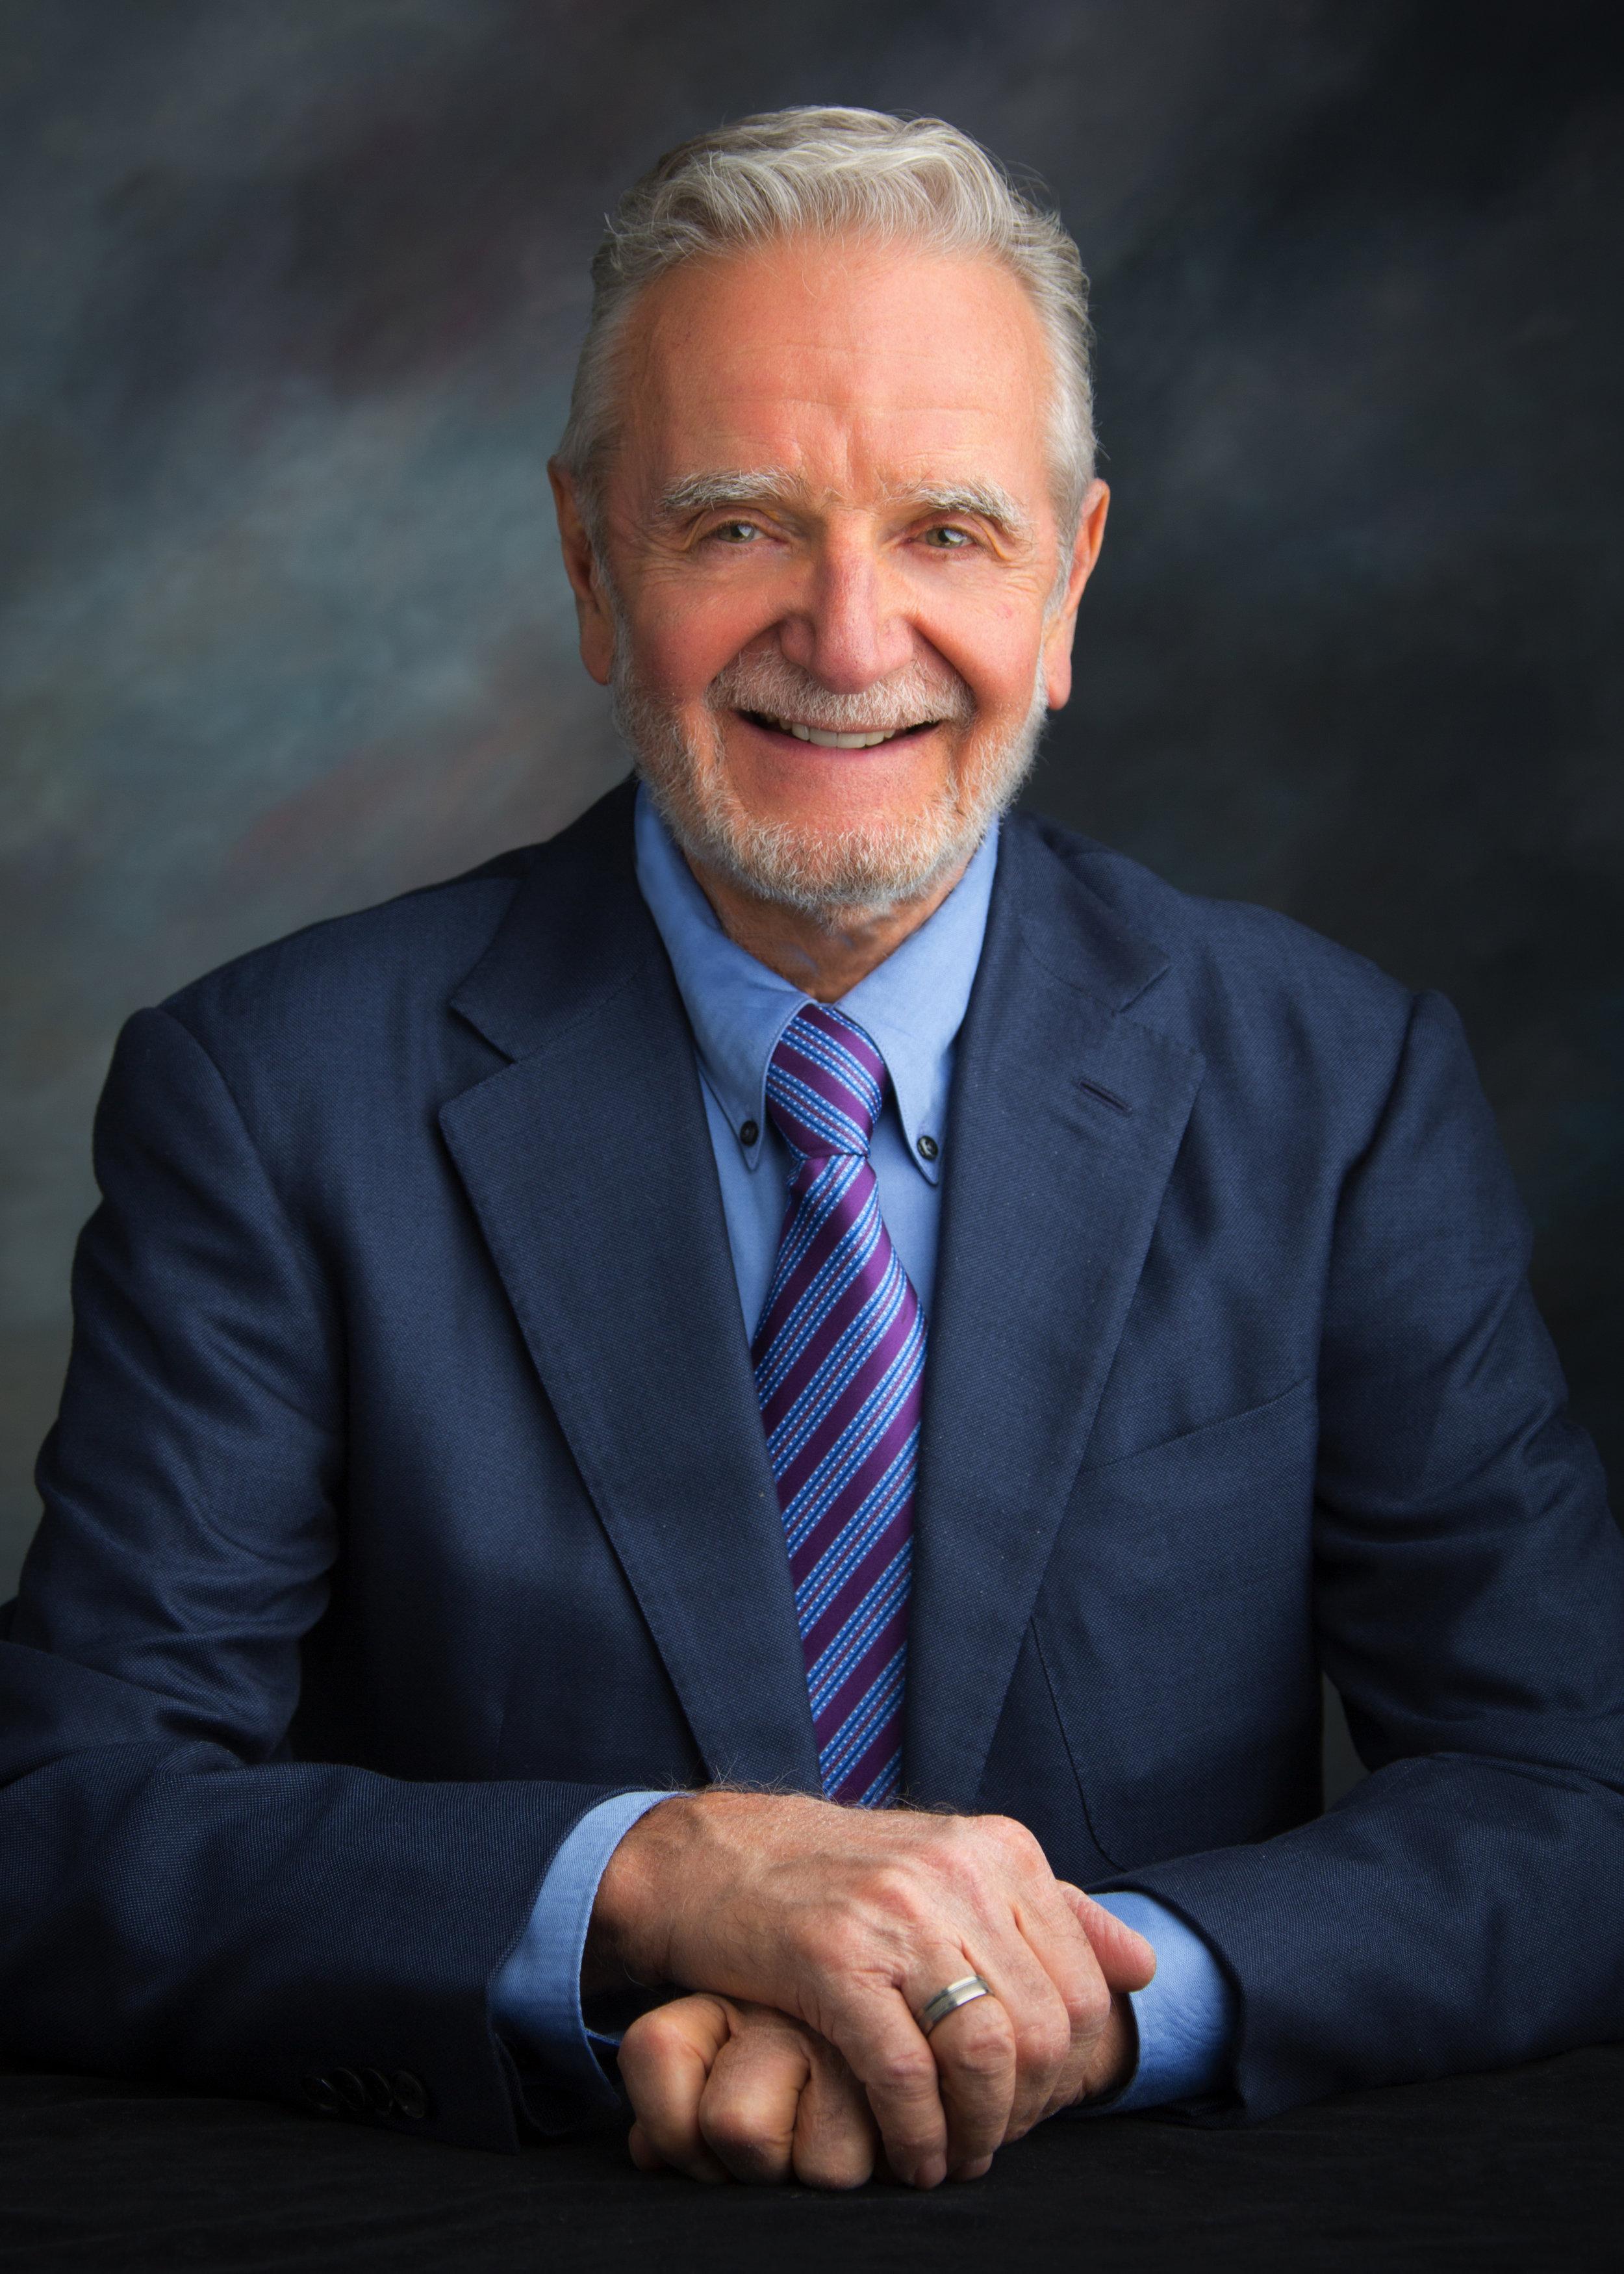 David D. D'Alise, DDS